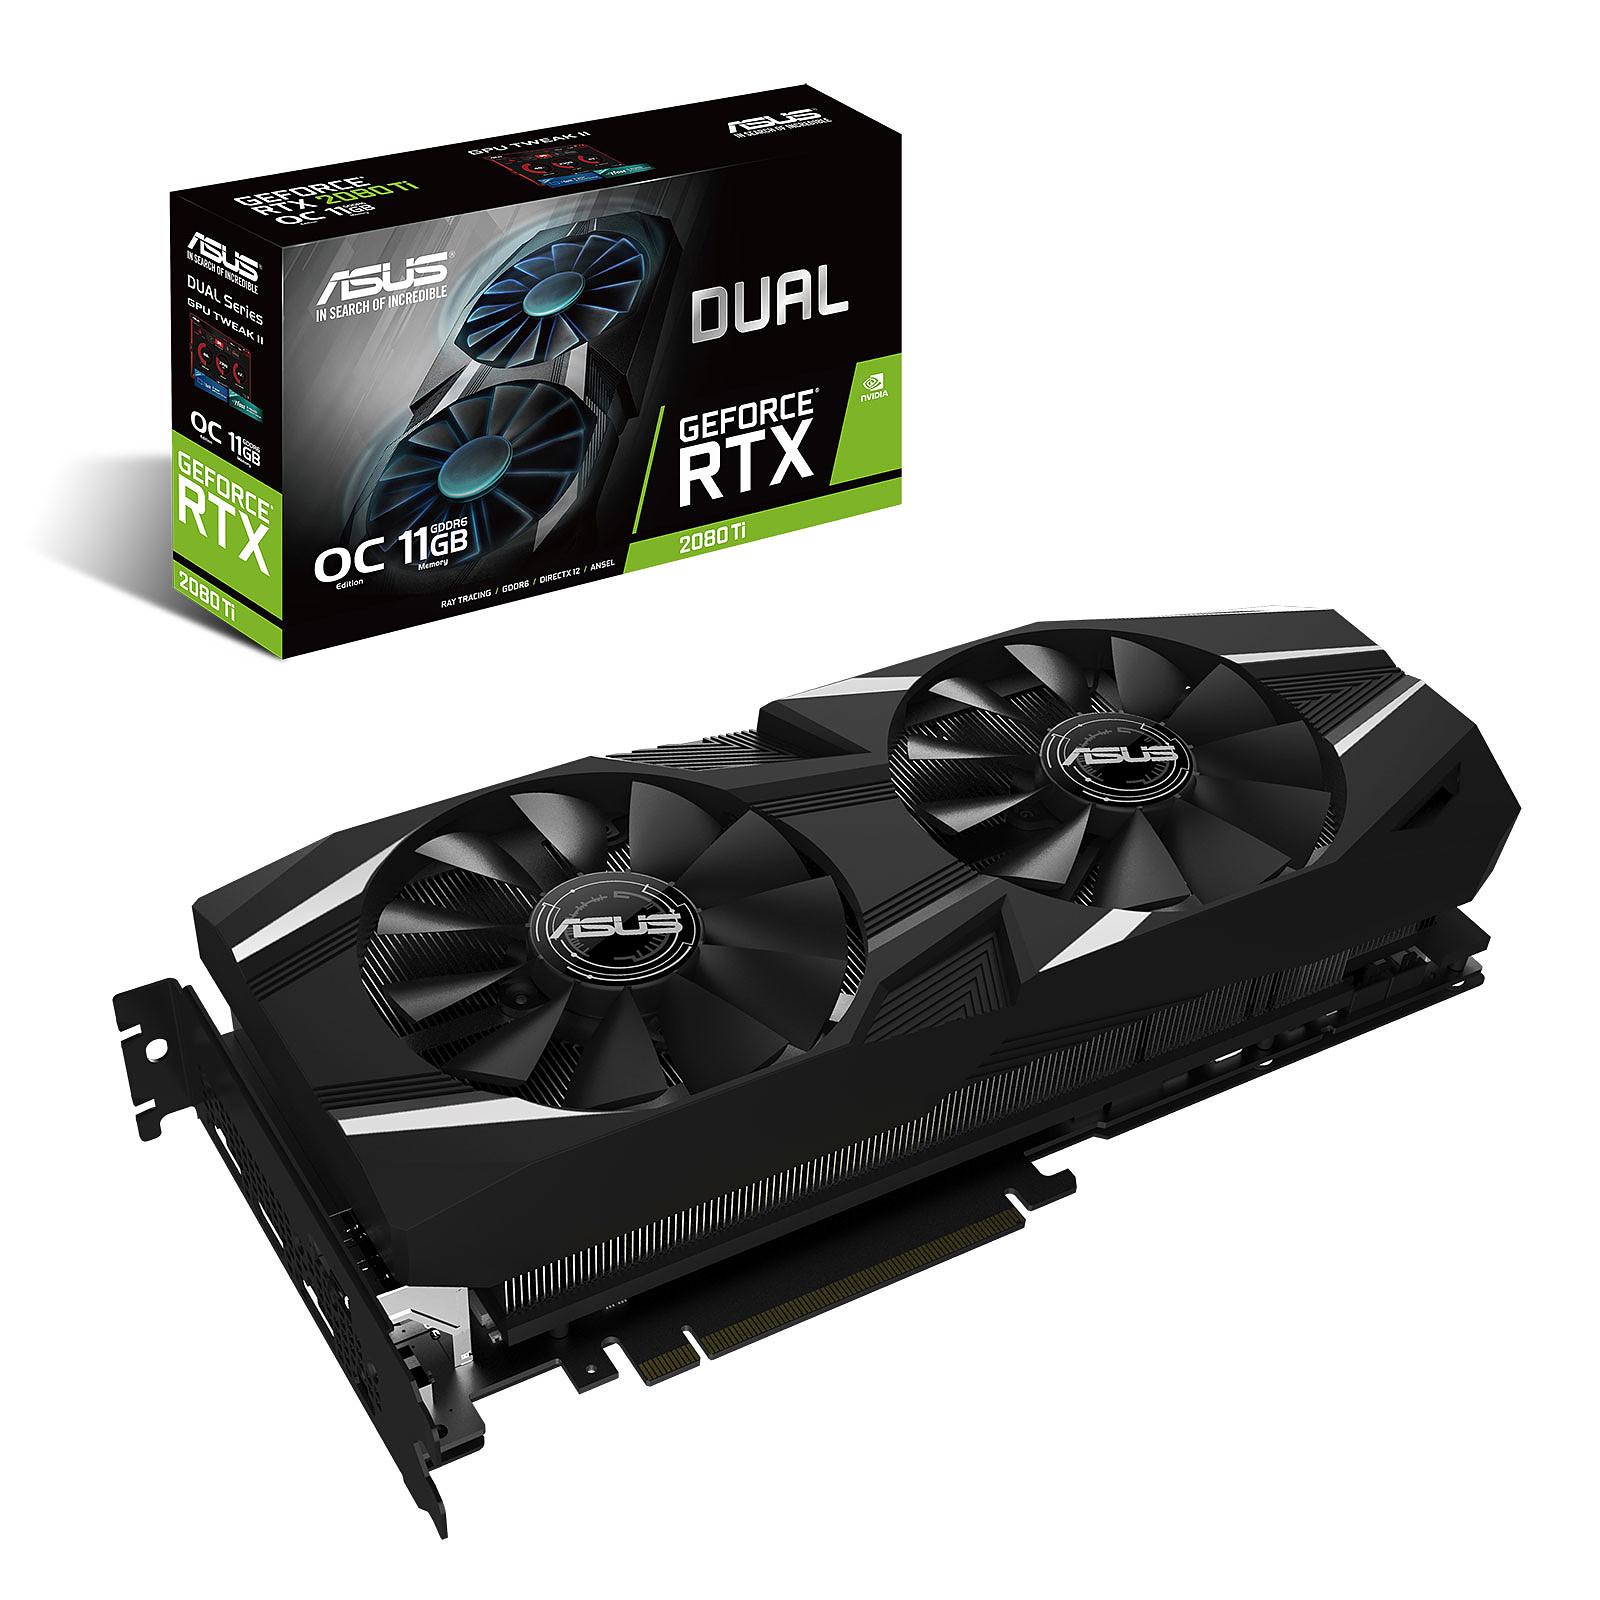 ASUS GeForce RTX 2080 Ti DUAL-RTX2080TI-A11G